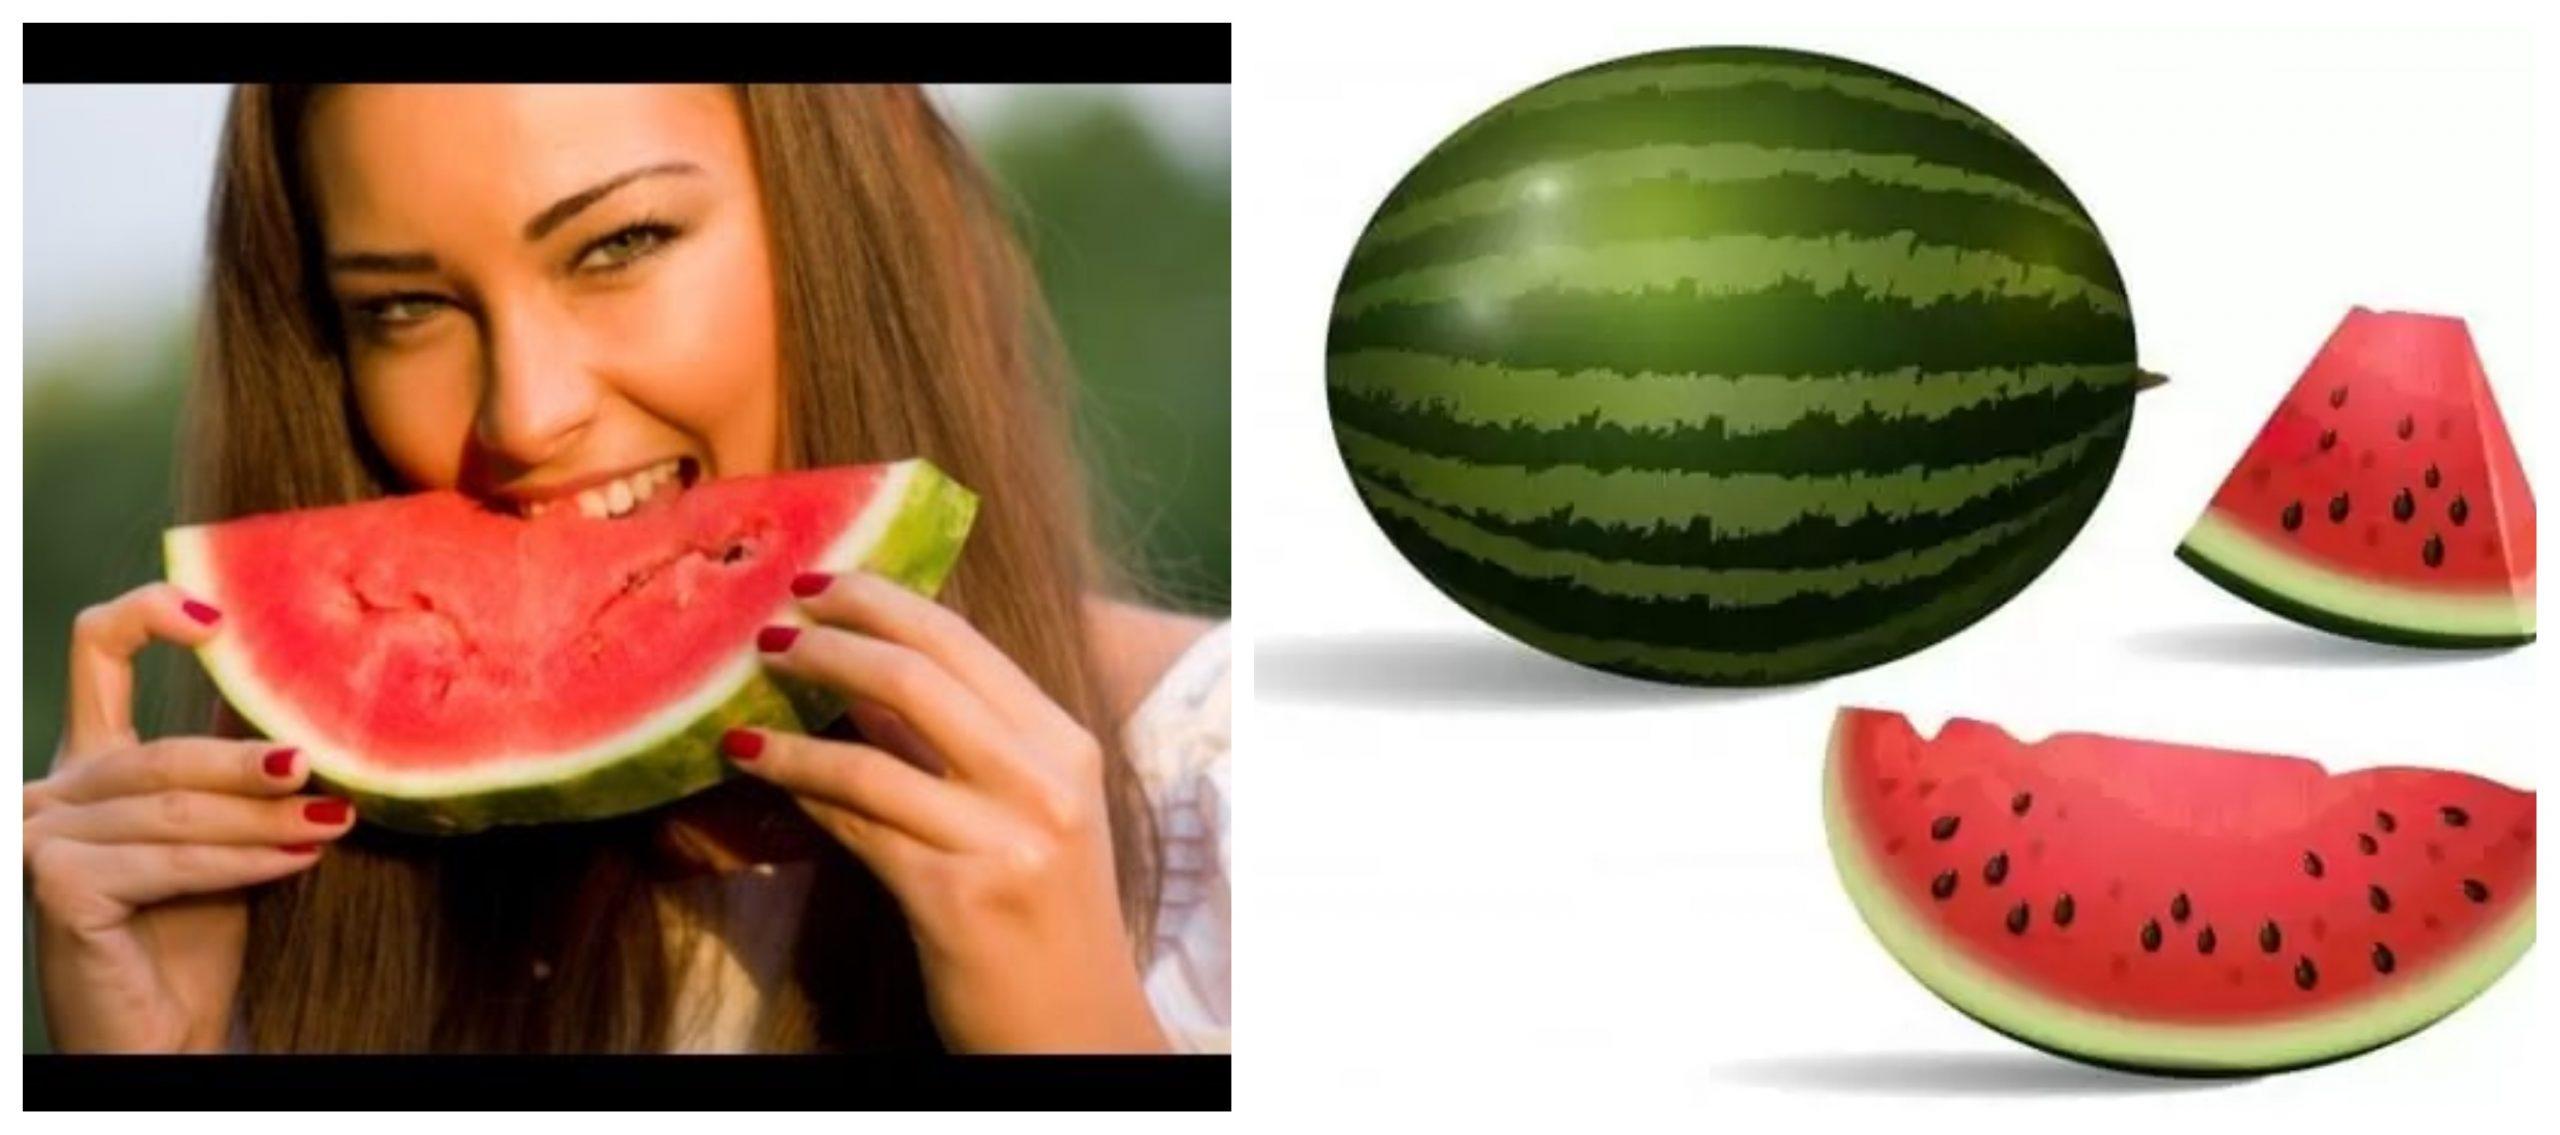 4 وصفات مبتكرة باستخدام البطيخ